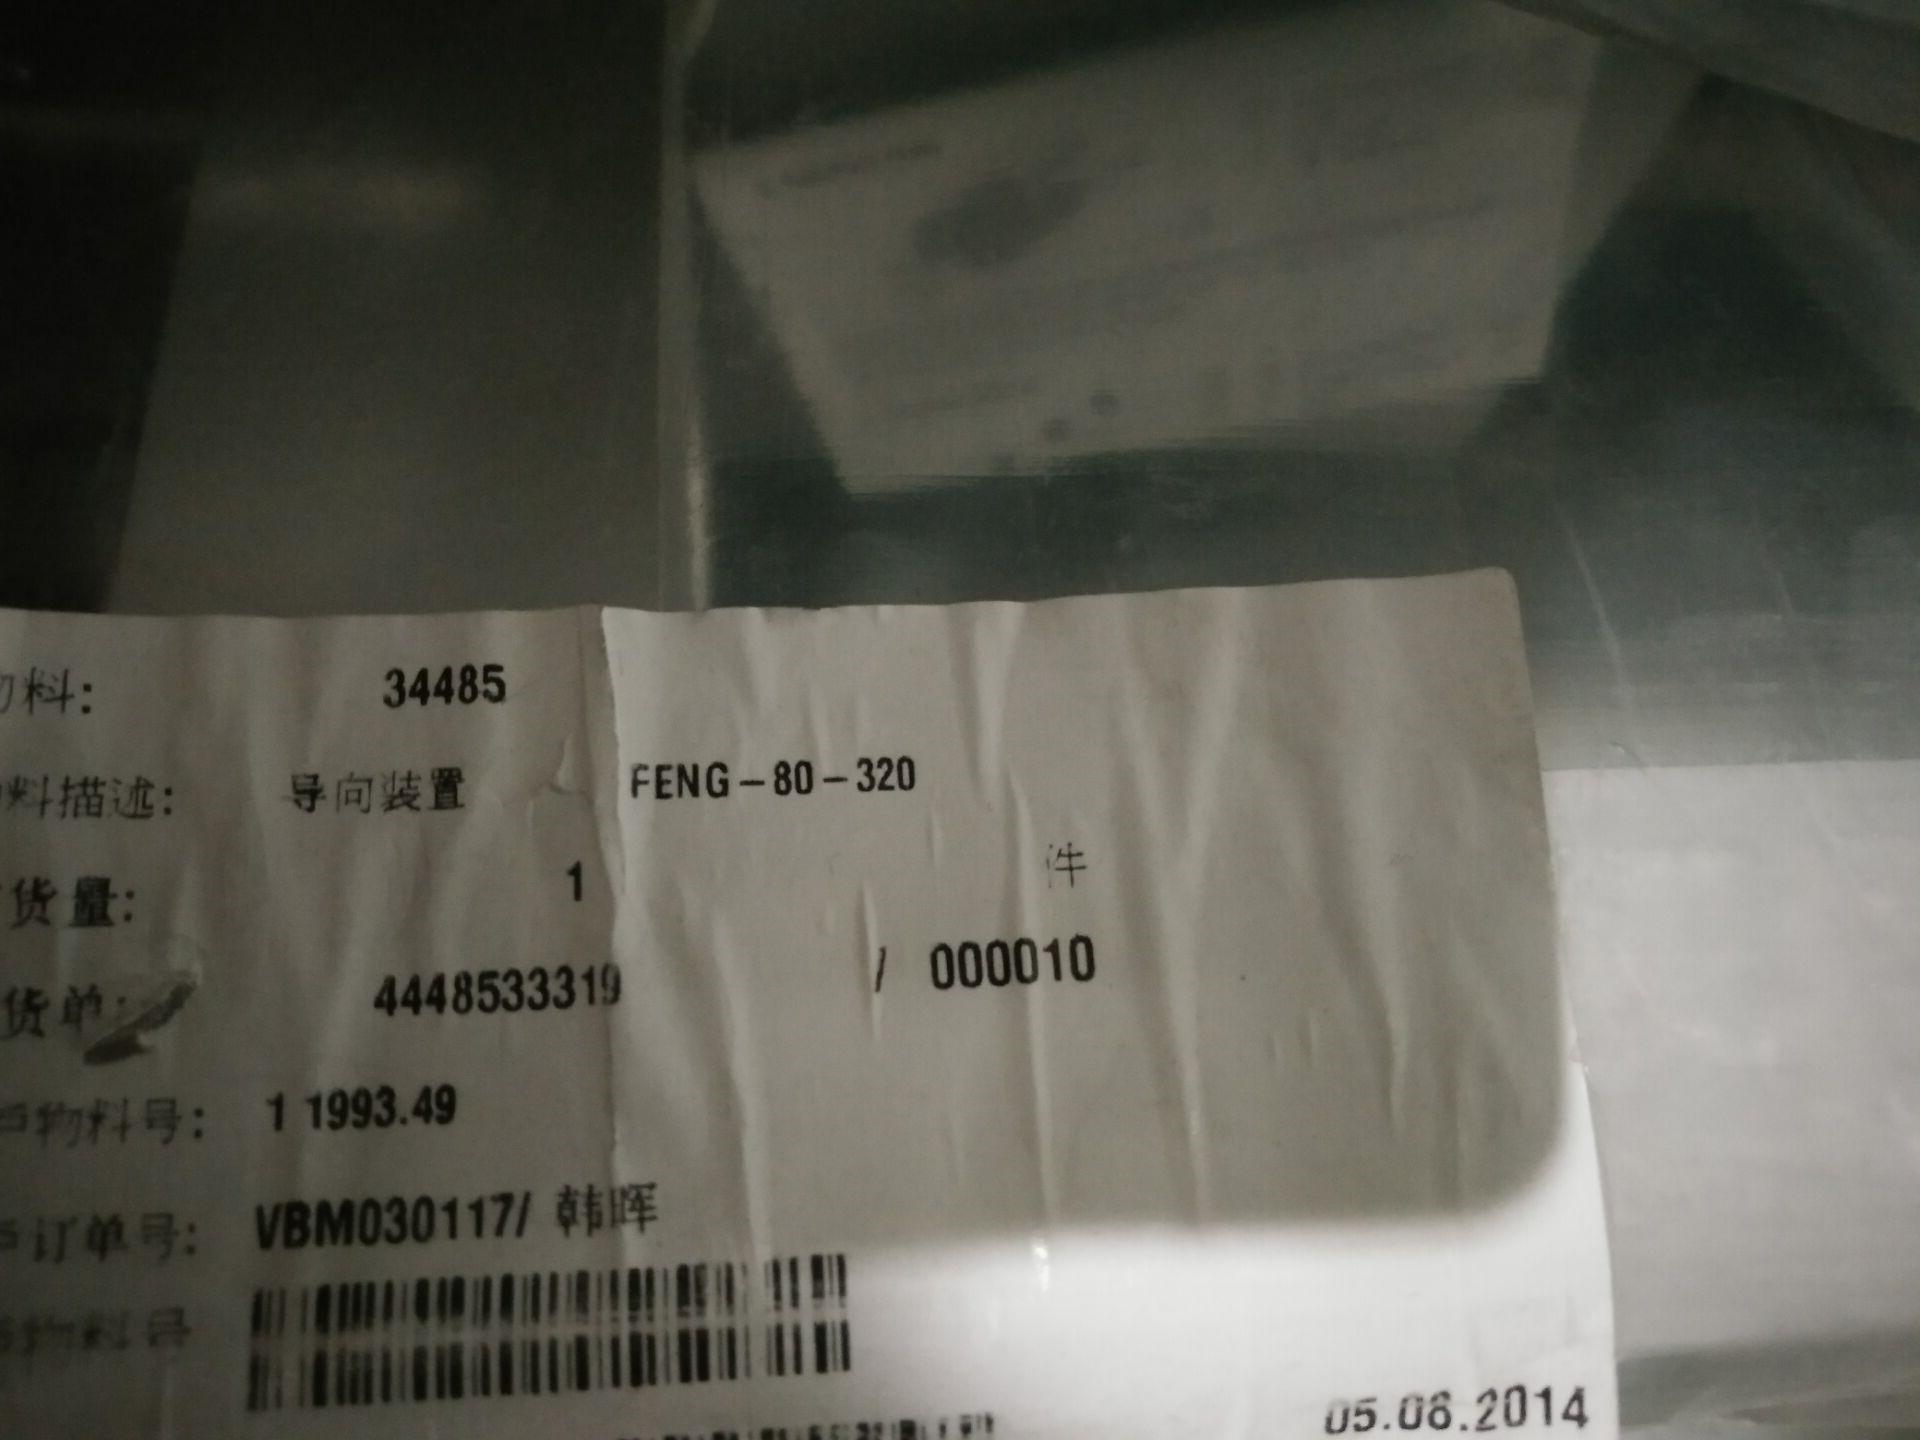 Nouveau original festo de cylindre FENG-80-32034485 comptant une peine de dix Olo